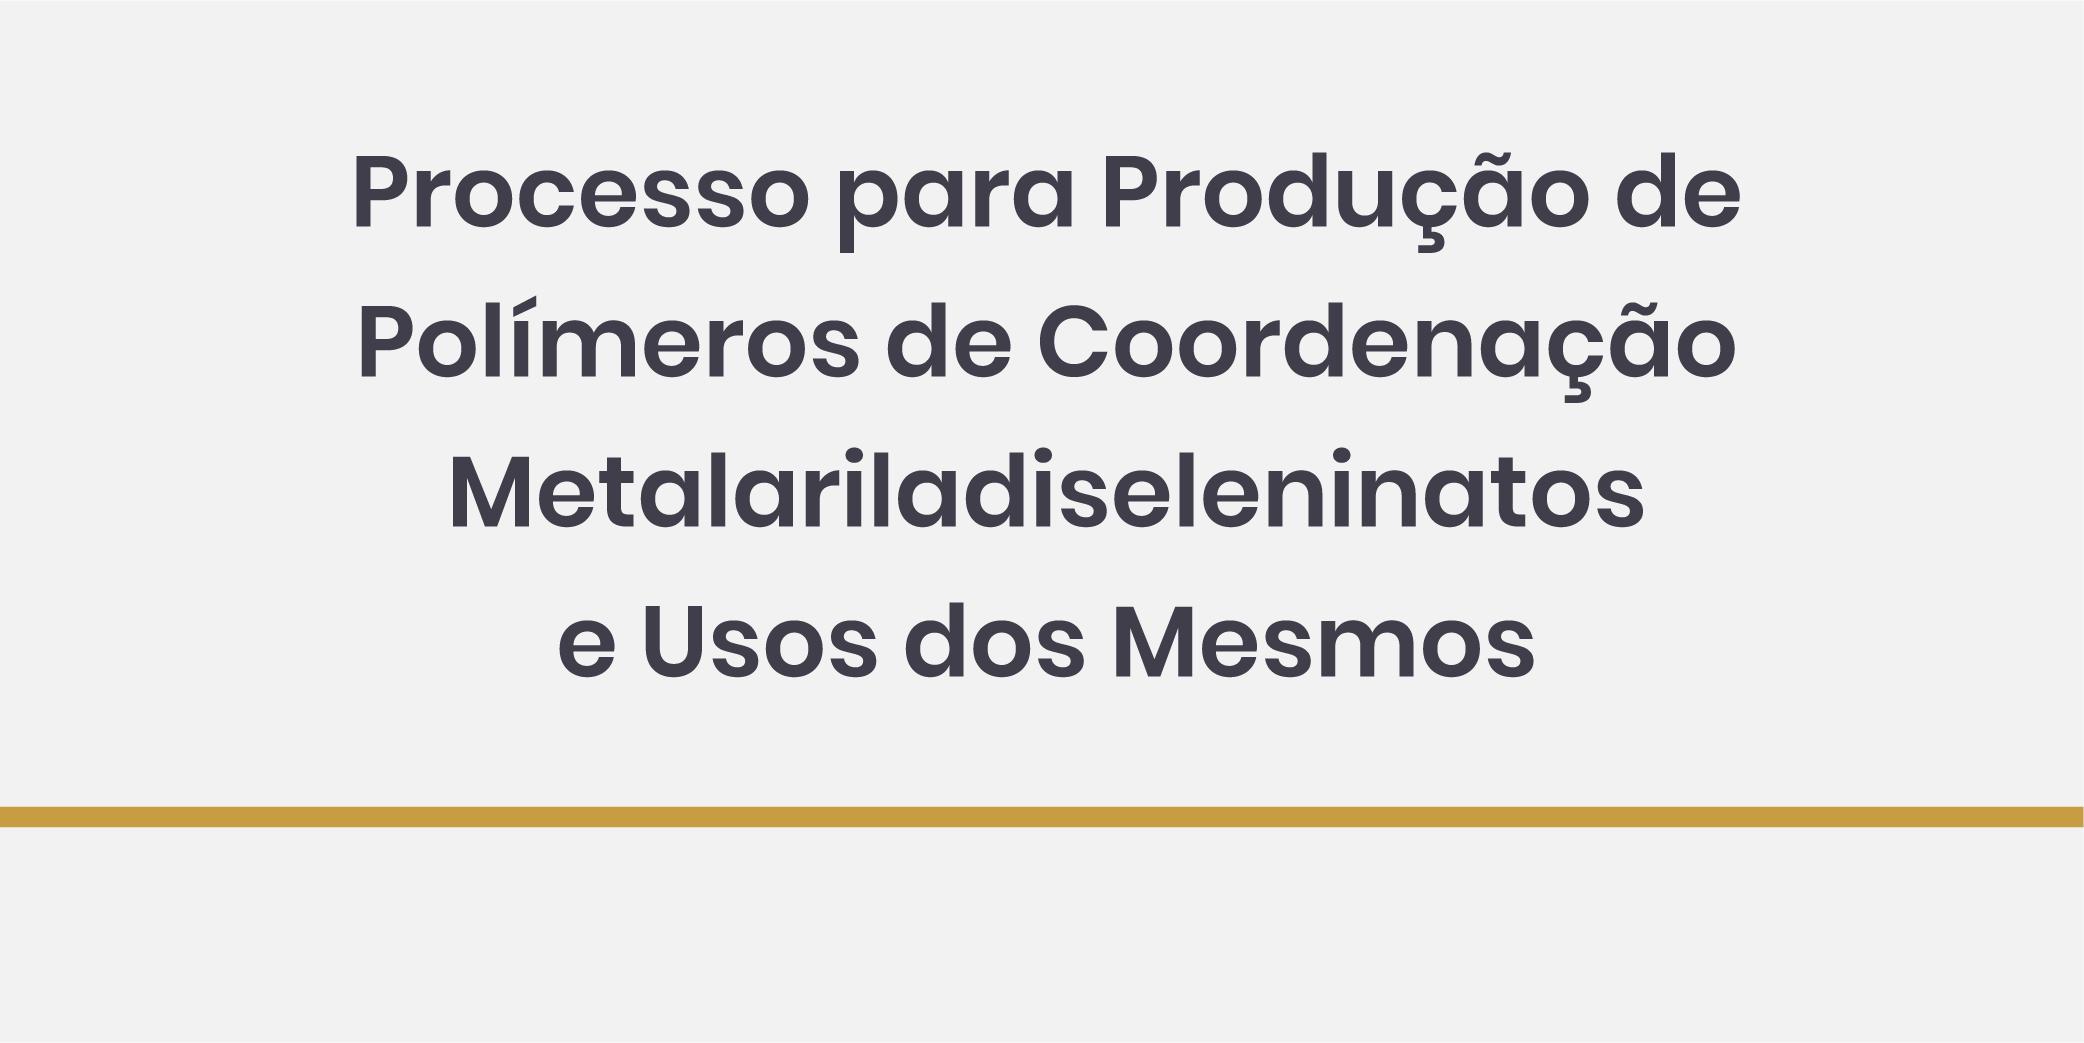 Processo para Produção de Polímeros de Coordenação Metalariladiseleninatos e Usos dos Mesmos